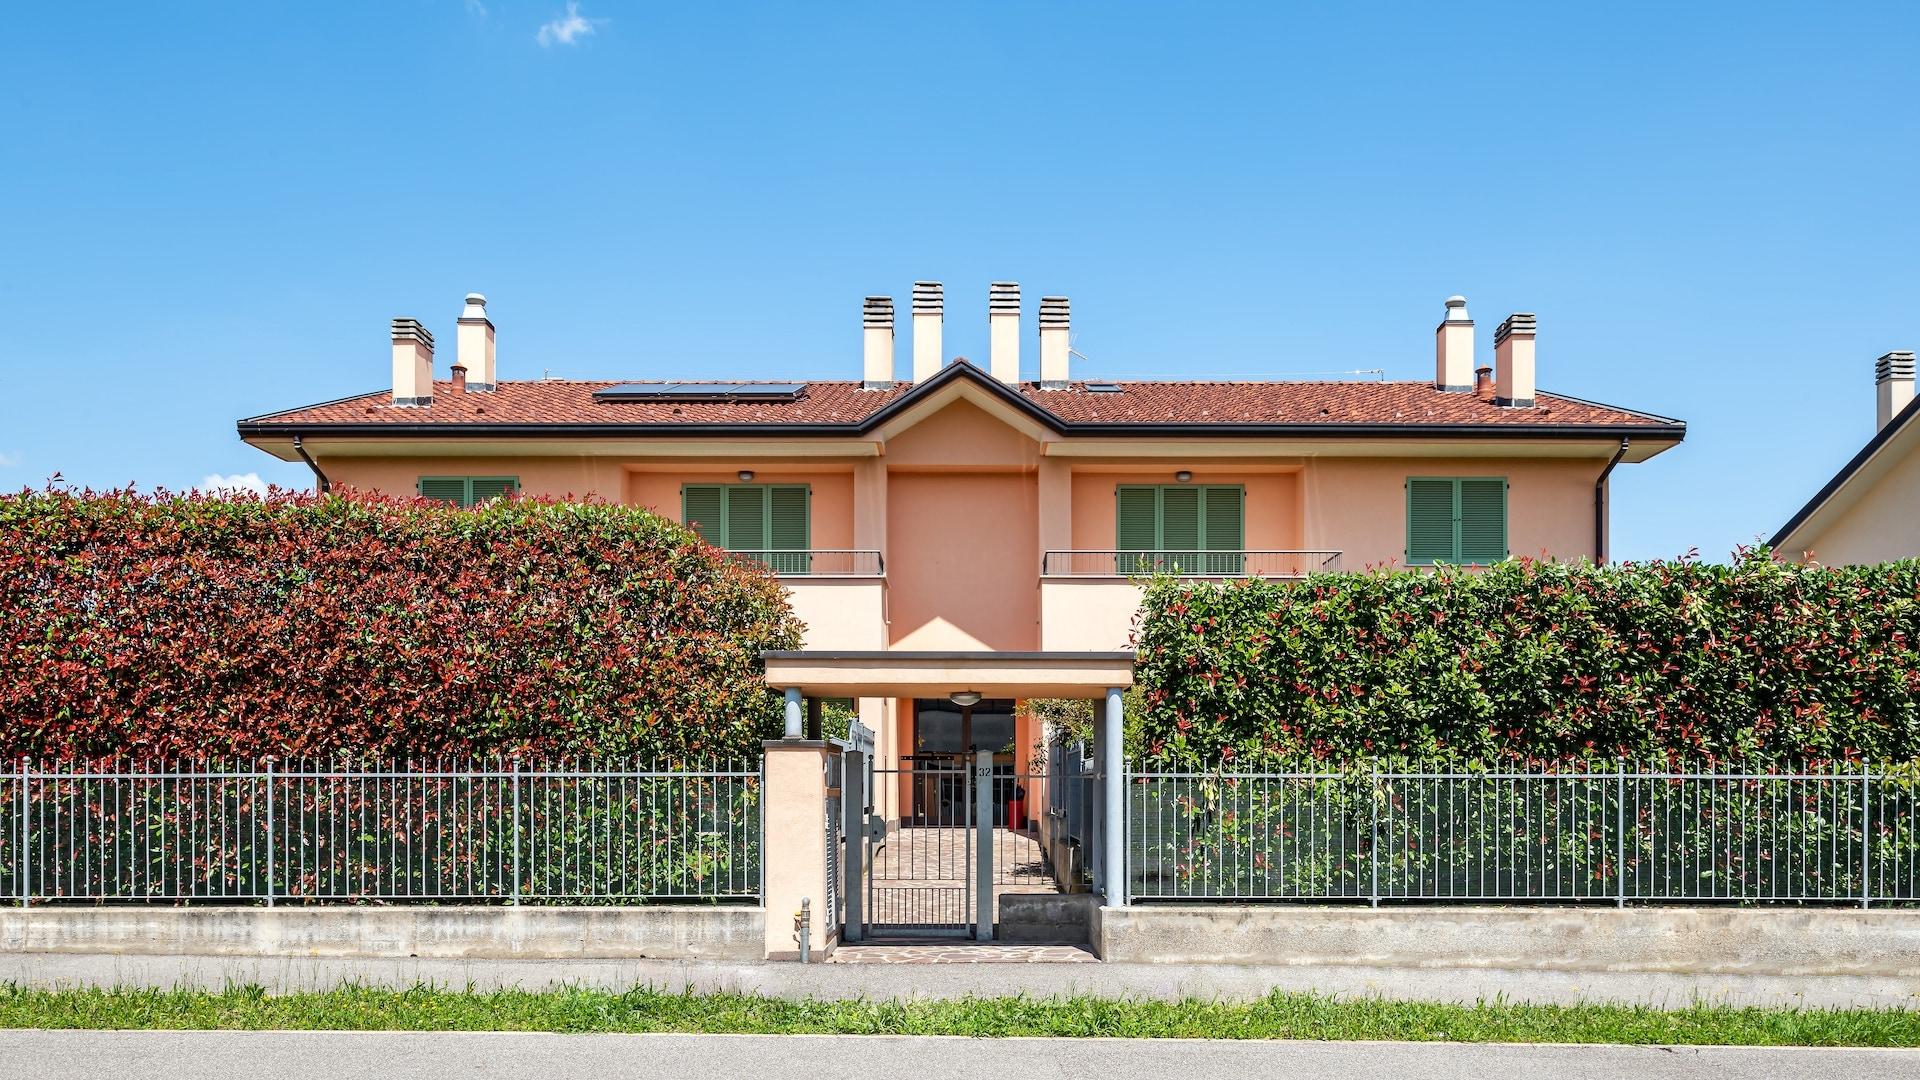 Condominio Il Melograno – Condominio Ai Boschi, via Tricino 89-89a-b-c e via dei Boschi 28-30-Nerviano (1)